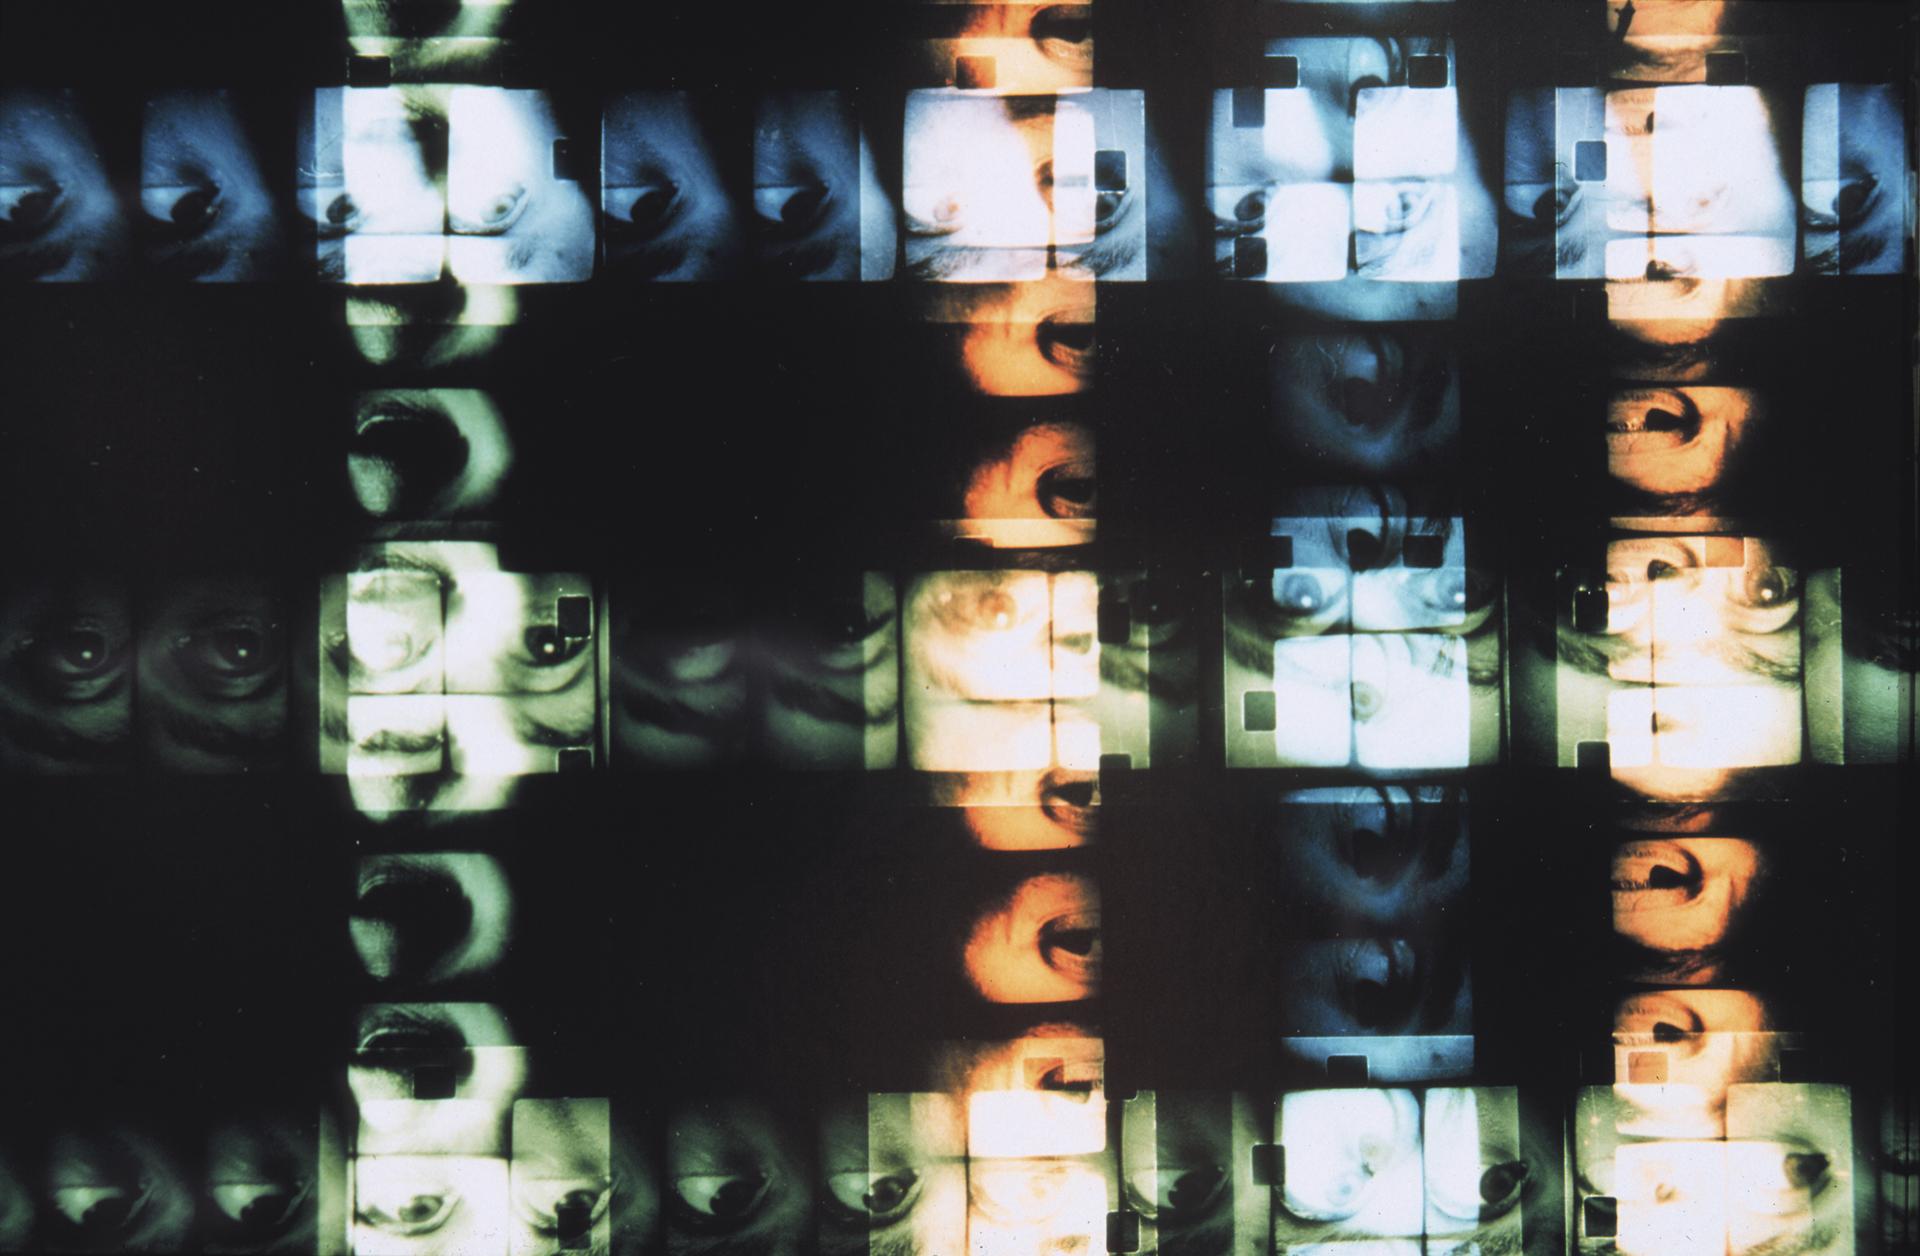 Plaids (1997 - 2000)